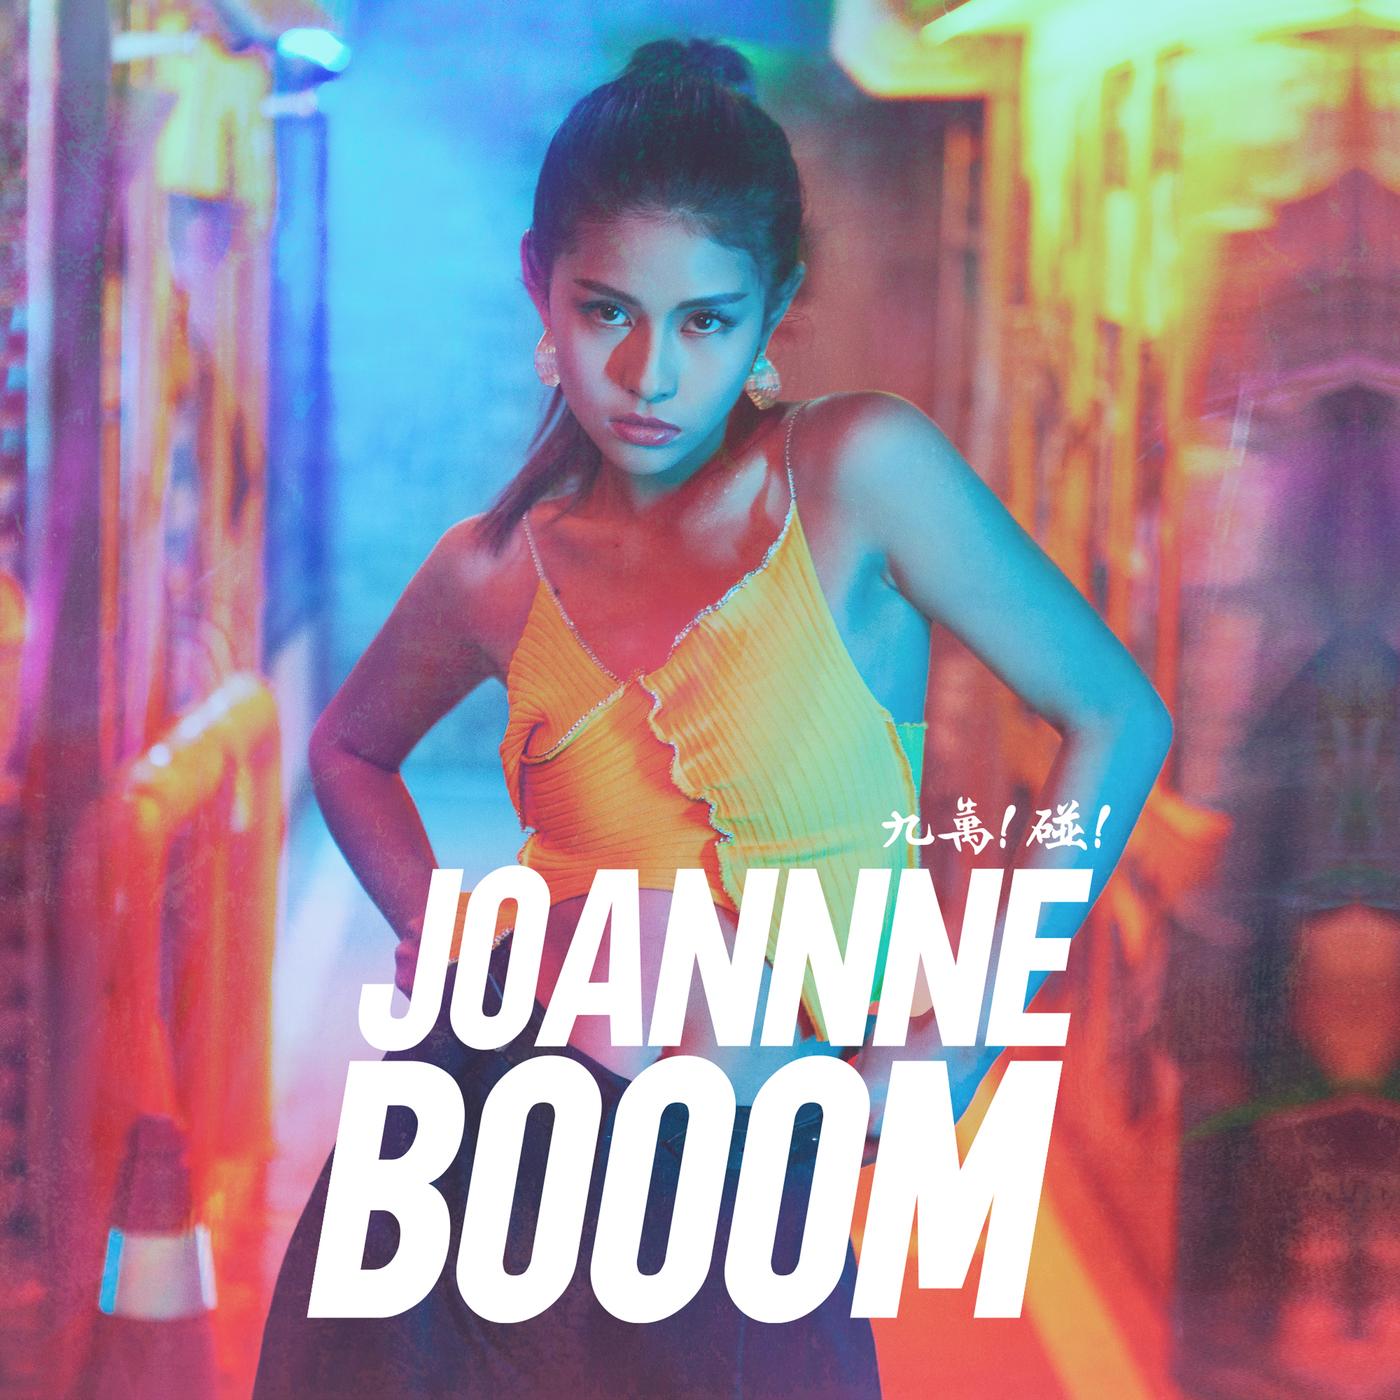 JOANNNE BOOOM - Joannne